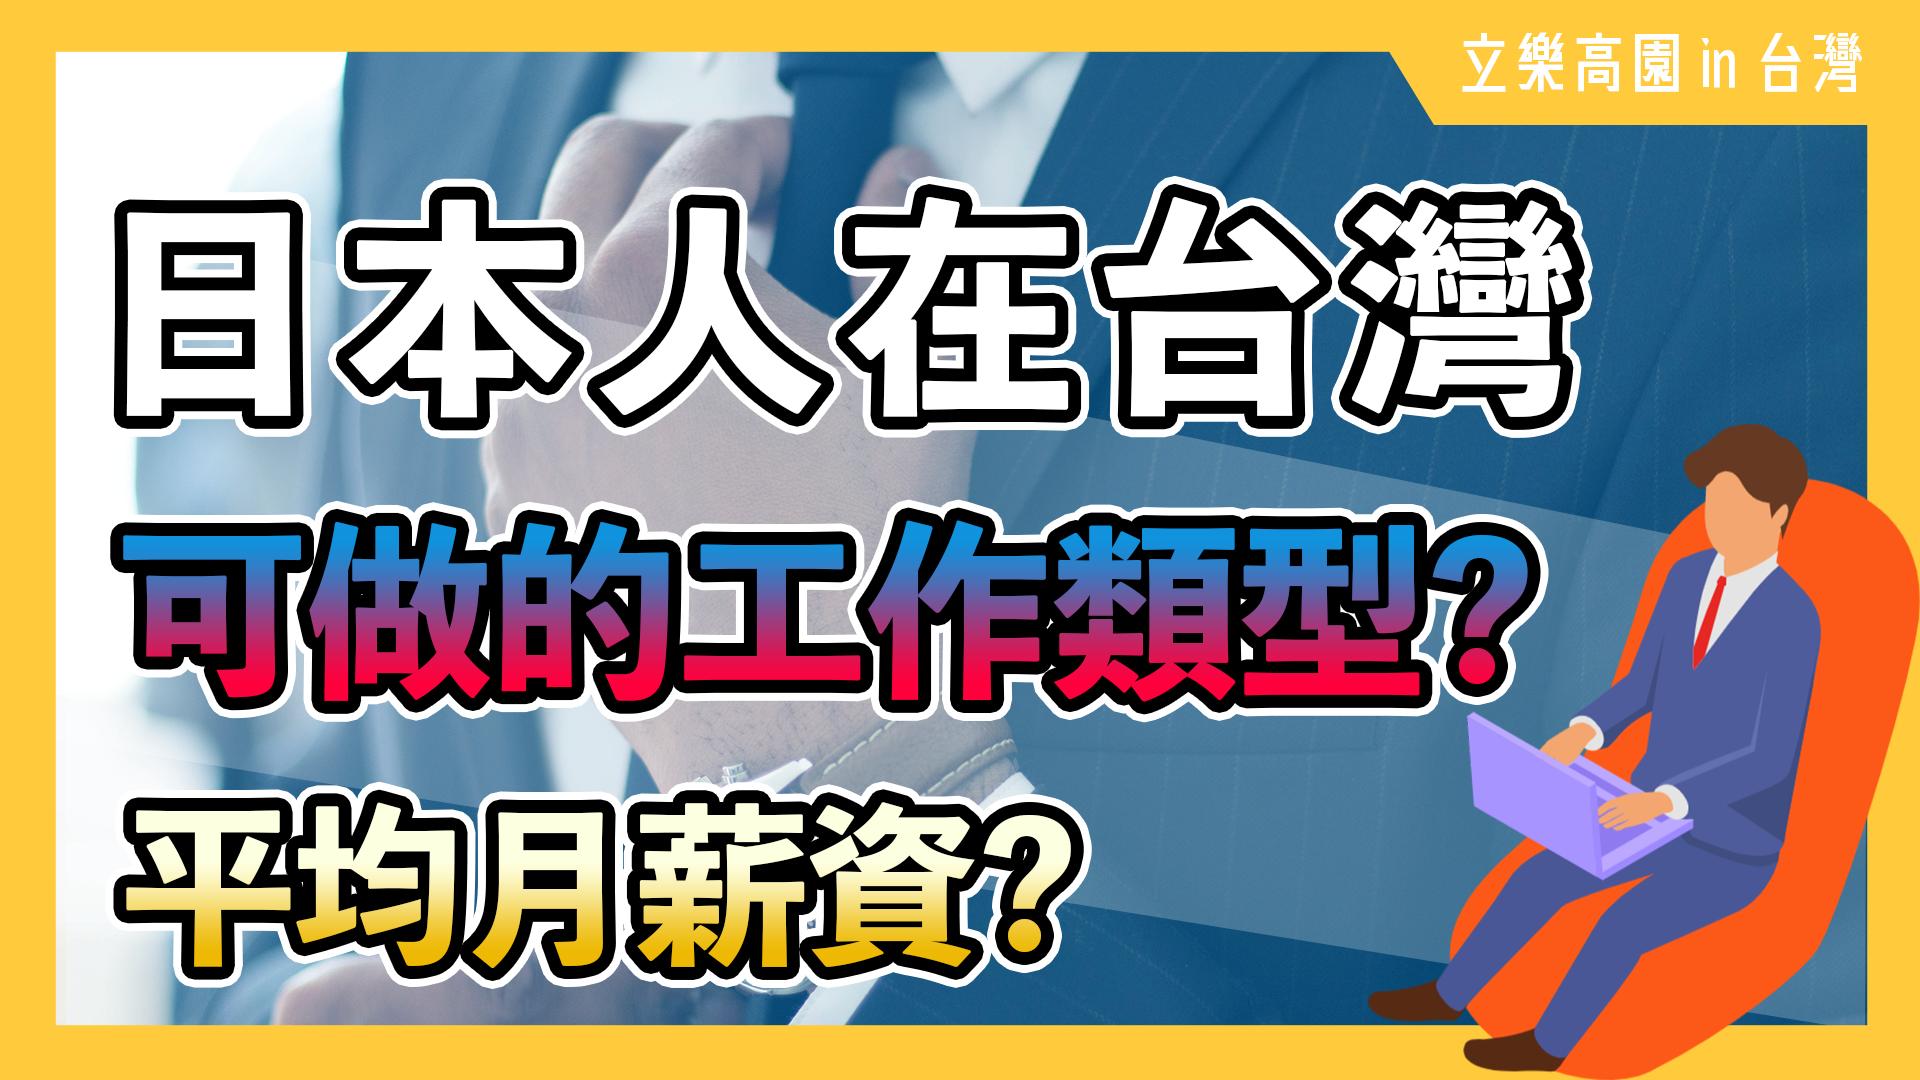 【DAILY】日本人在台灣「工作類型」與「平均薪資」台灣生活工作相關解說#2| 立樂高園 in 台灣